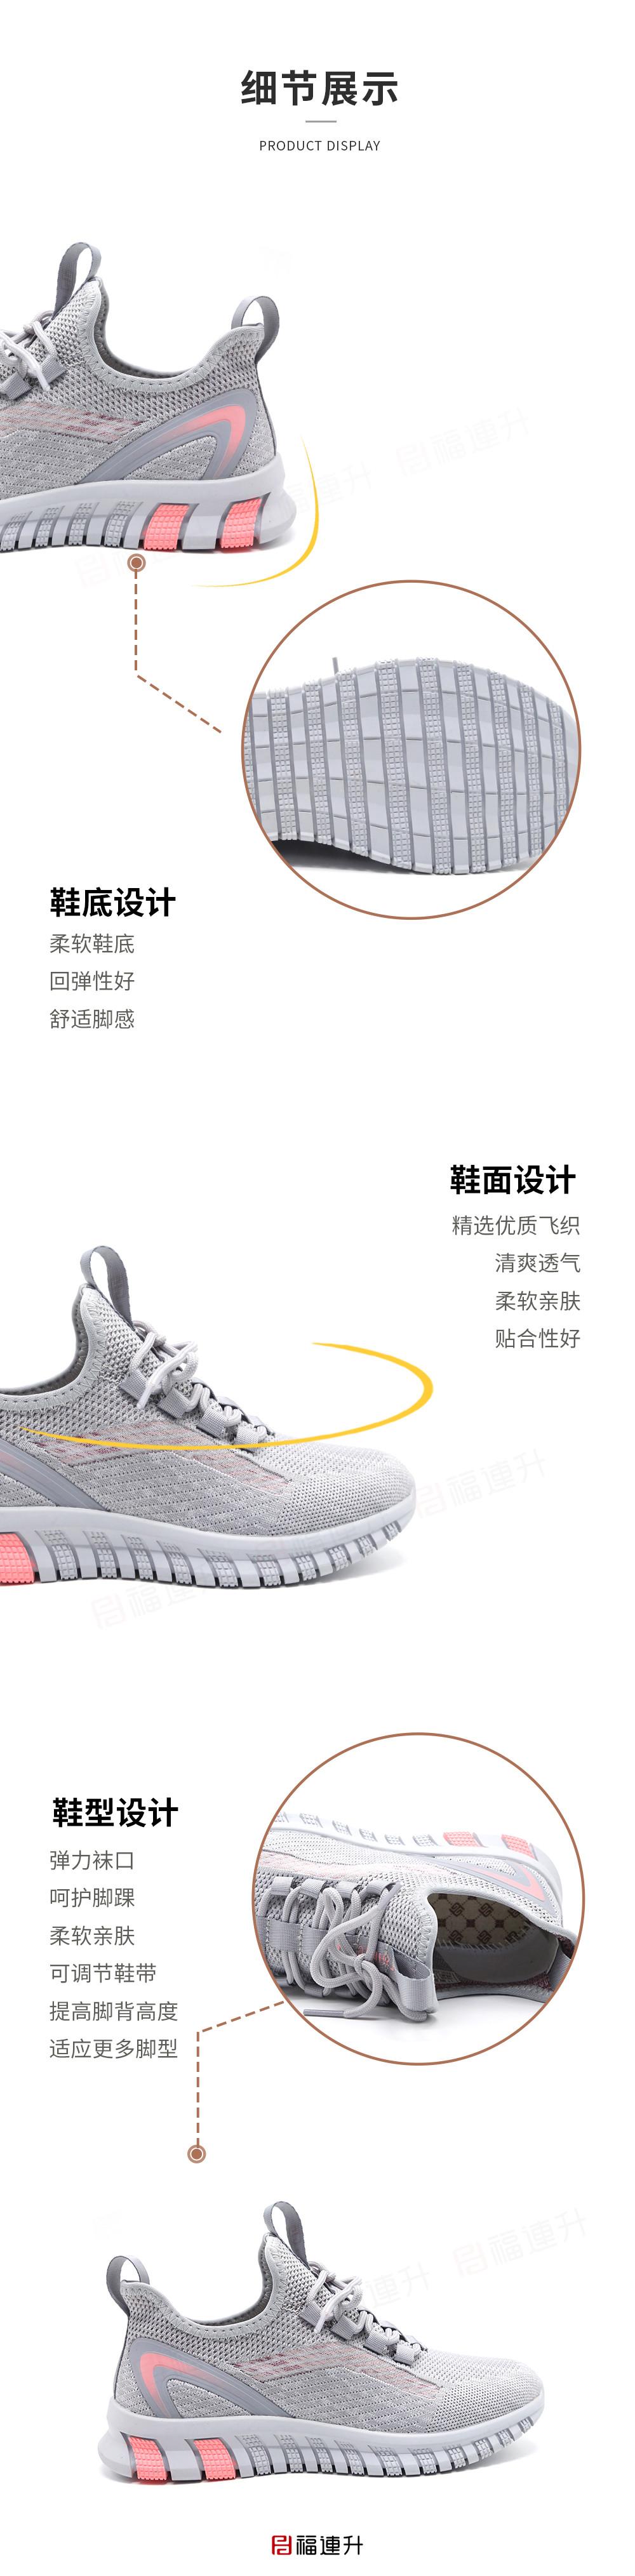 福连升老北京布鞋女鞋休闲运动漫步中年软底舒适健步鞋图片